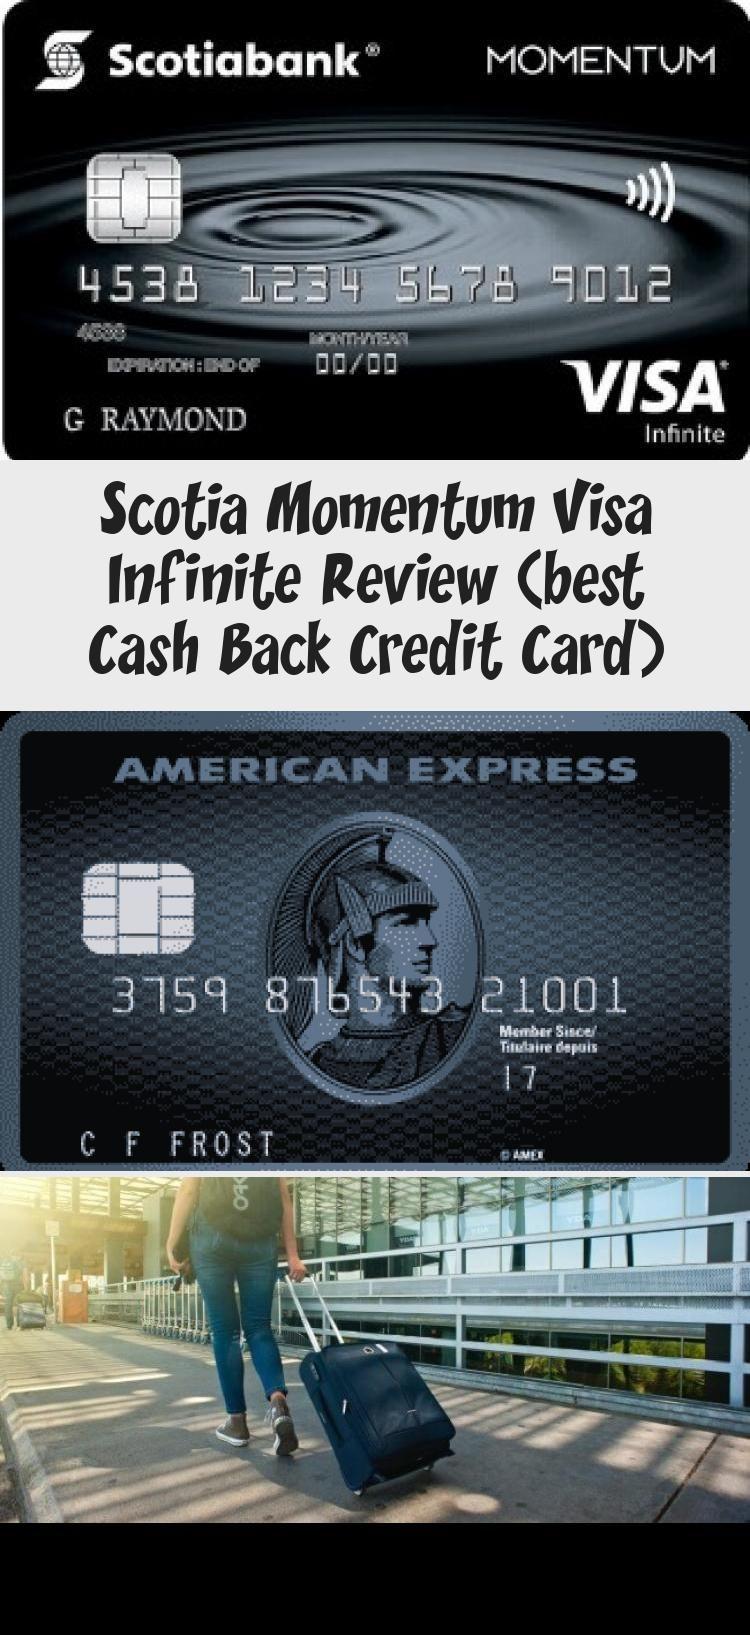 Scotia Momentum Visa Infinite Review Best Cash Back Credit Card